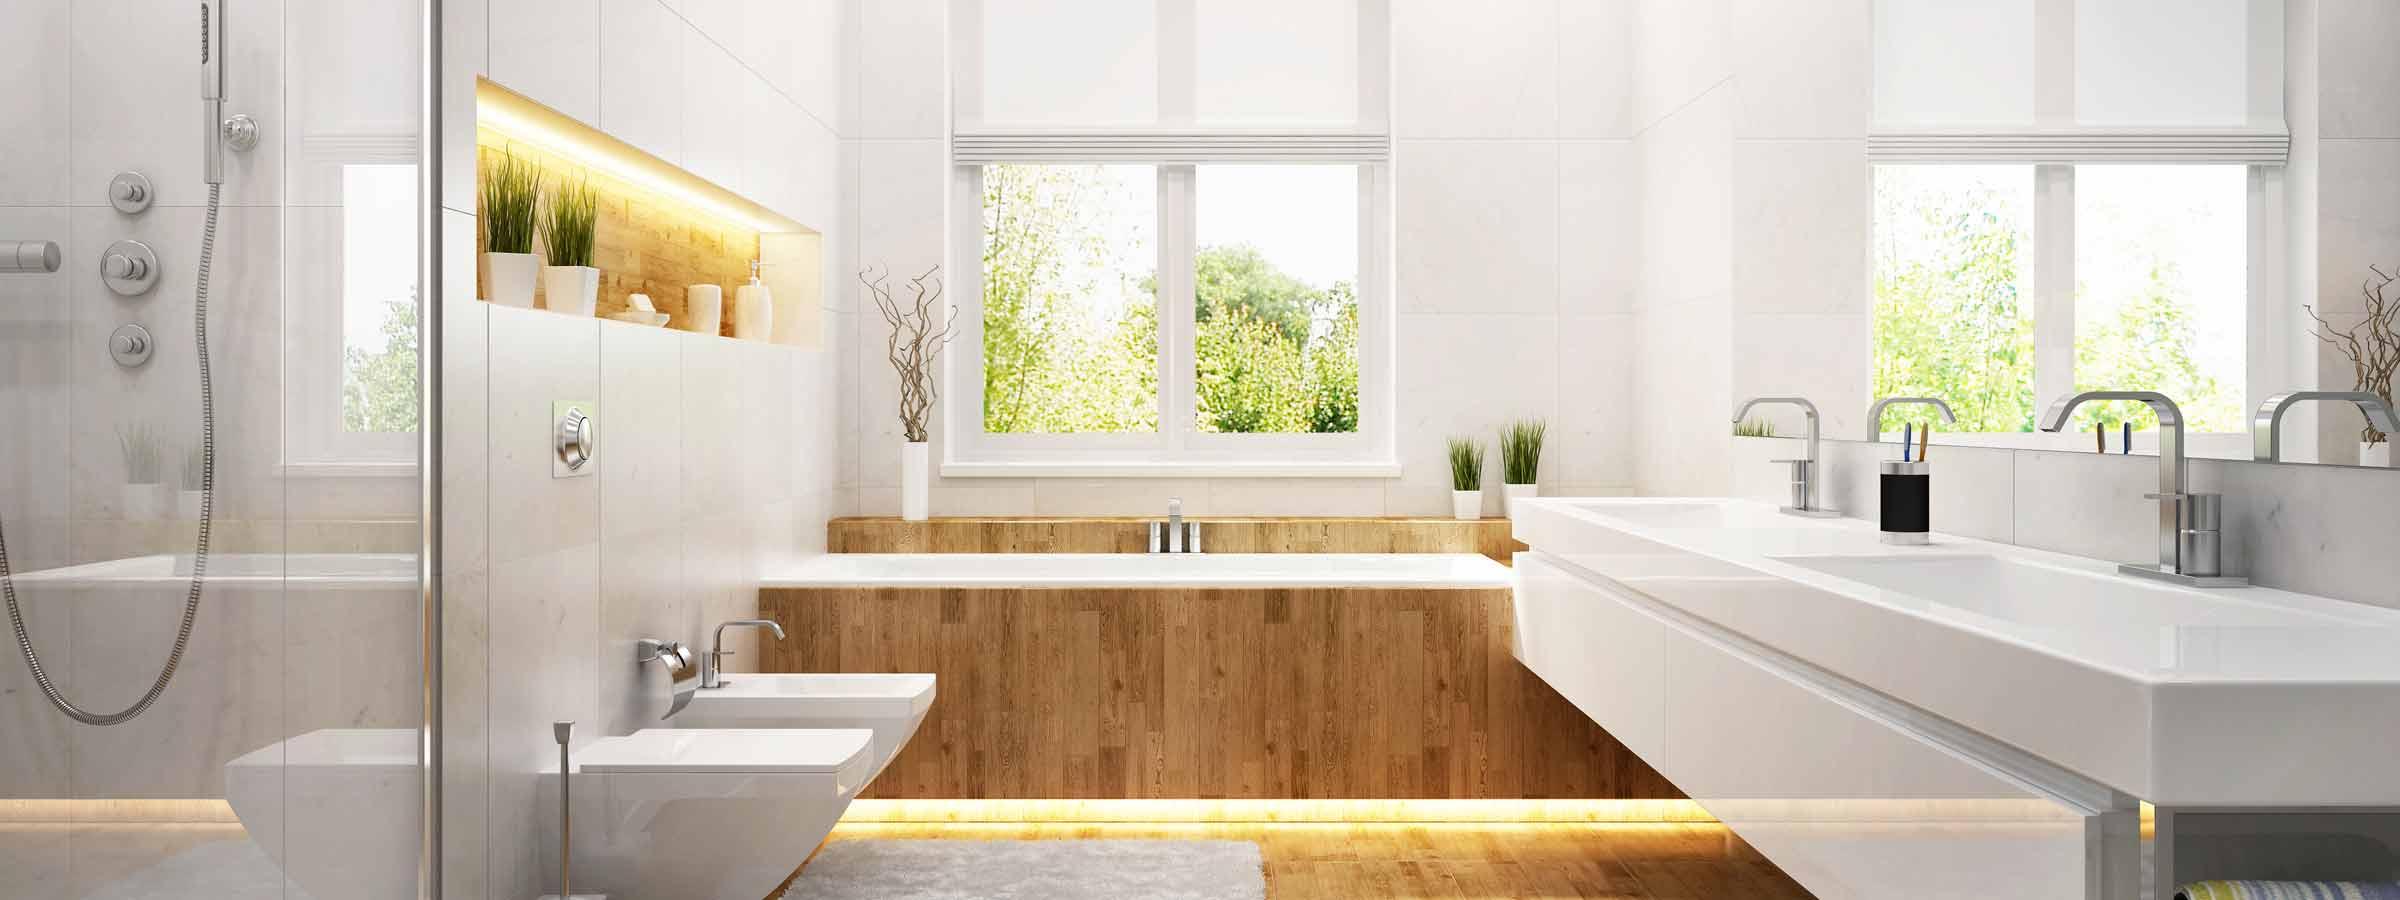 Bagno padronale con grande vasca ad incastro con finiture in legno, piattto doccia, sanitari filoparete e grande lavabo squadrato e specchio.